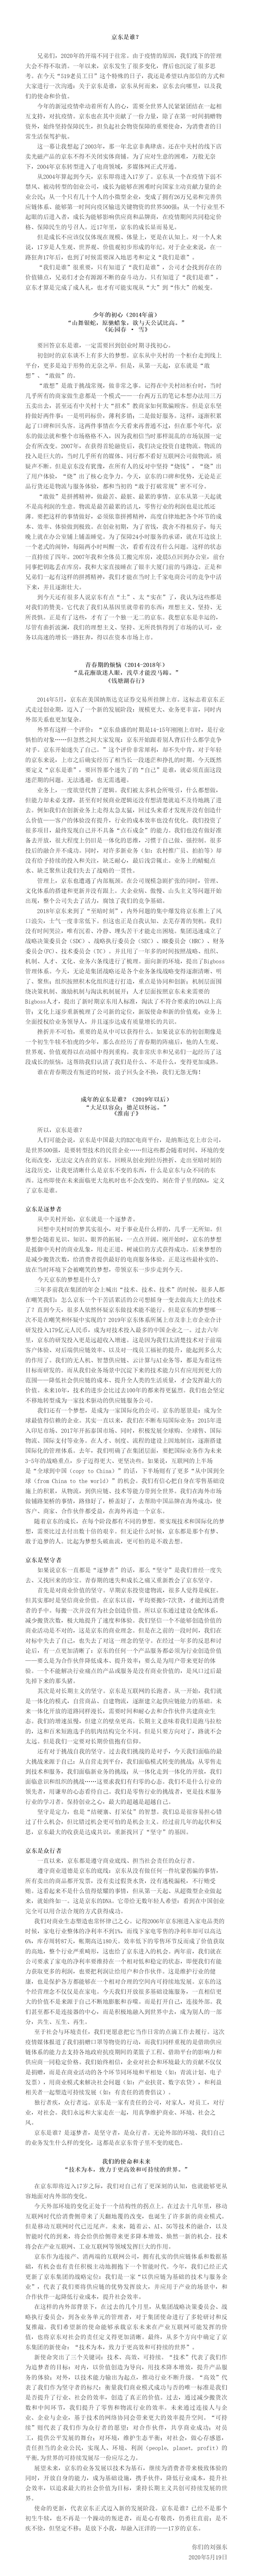 杏悦娱乐:内部信杏悦娱乐比错过机会更可图片